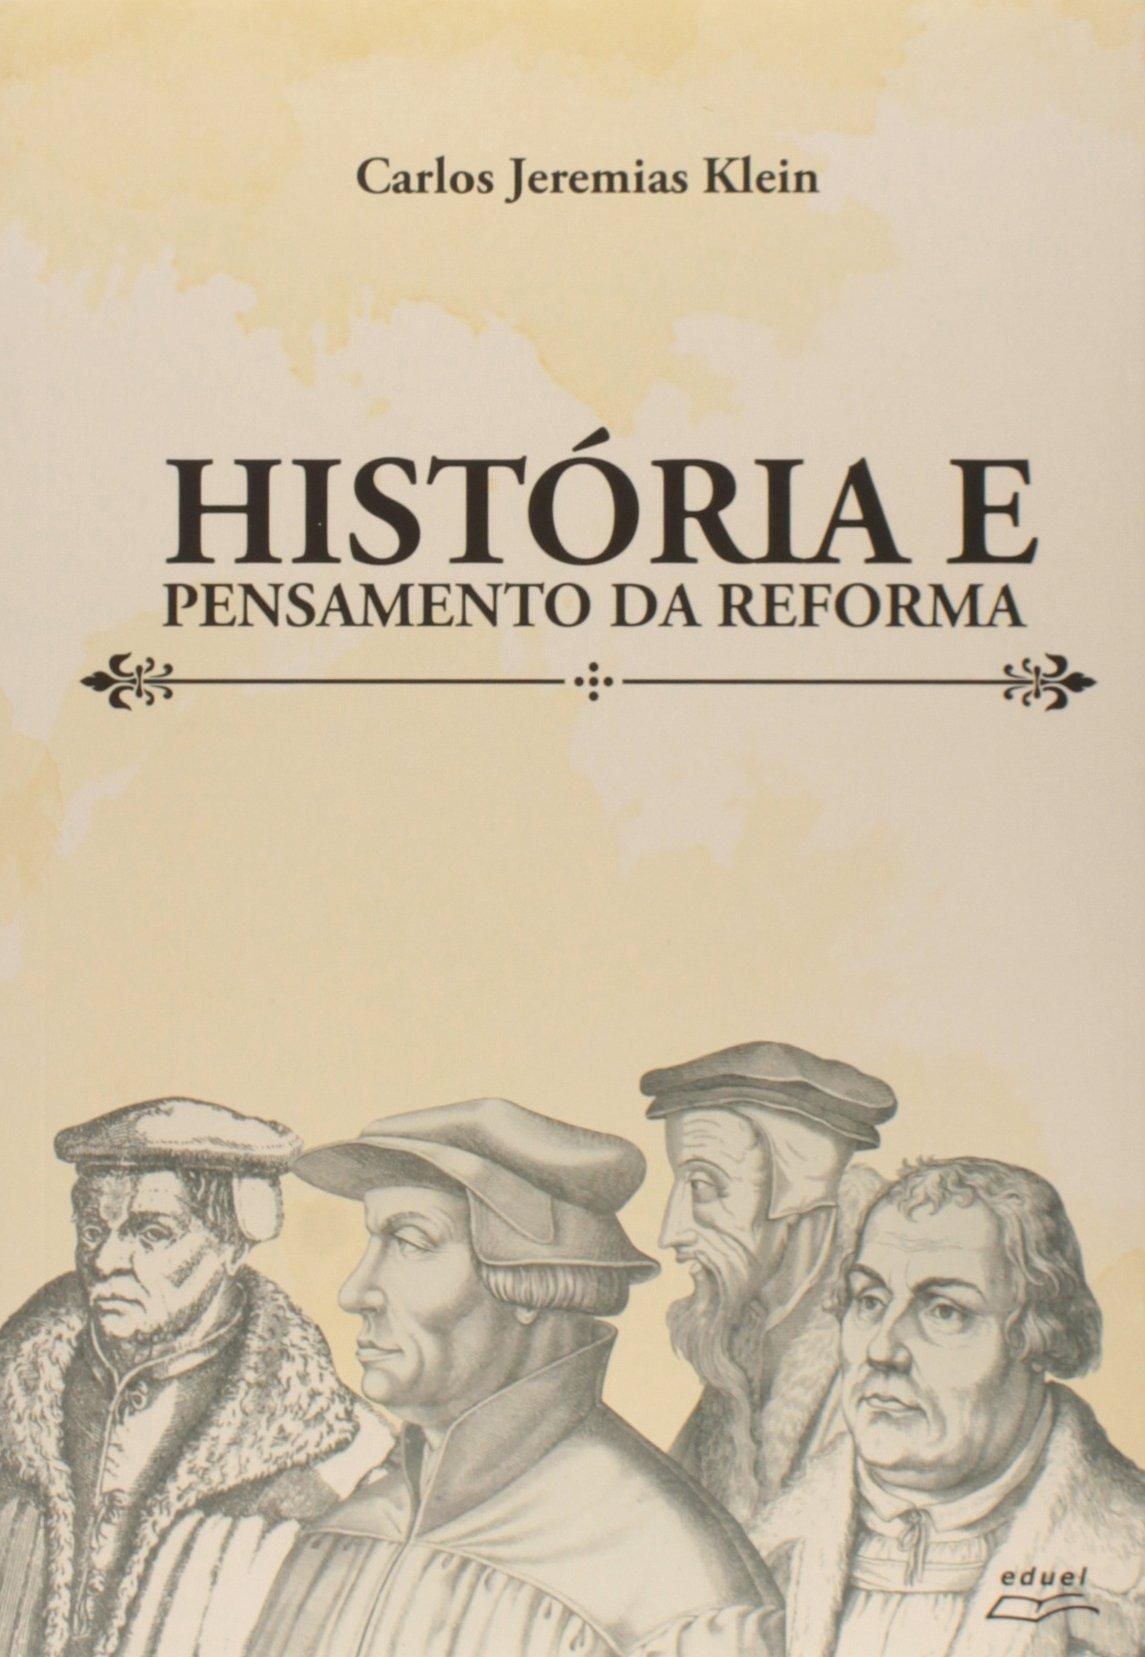 História e Pensamento da Reforma, livro de Carlos Jeremias Klein